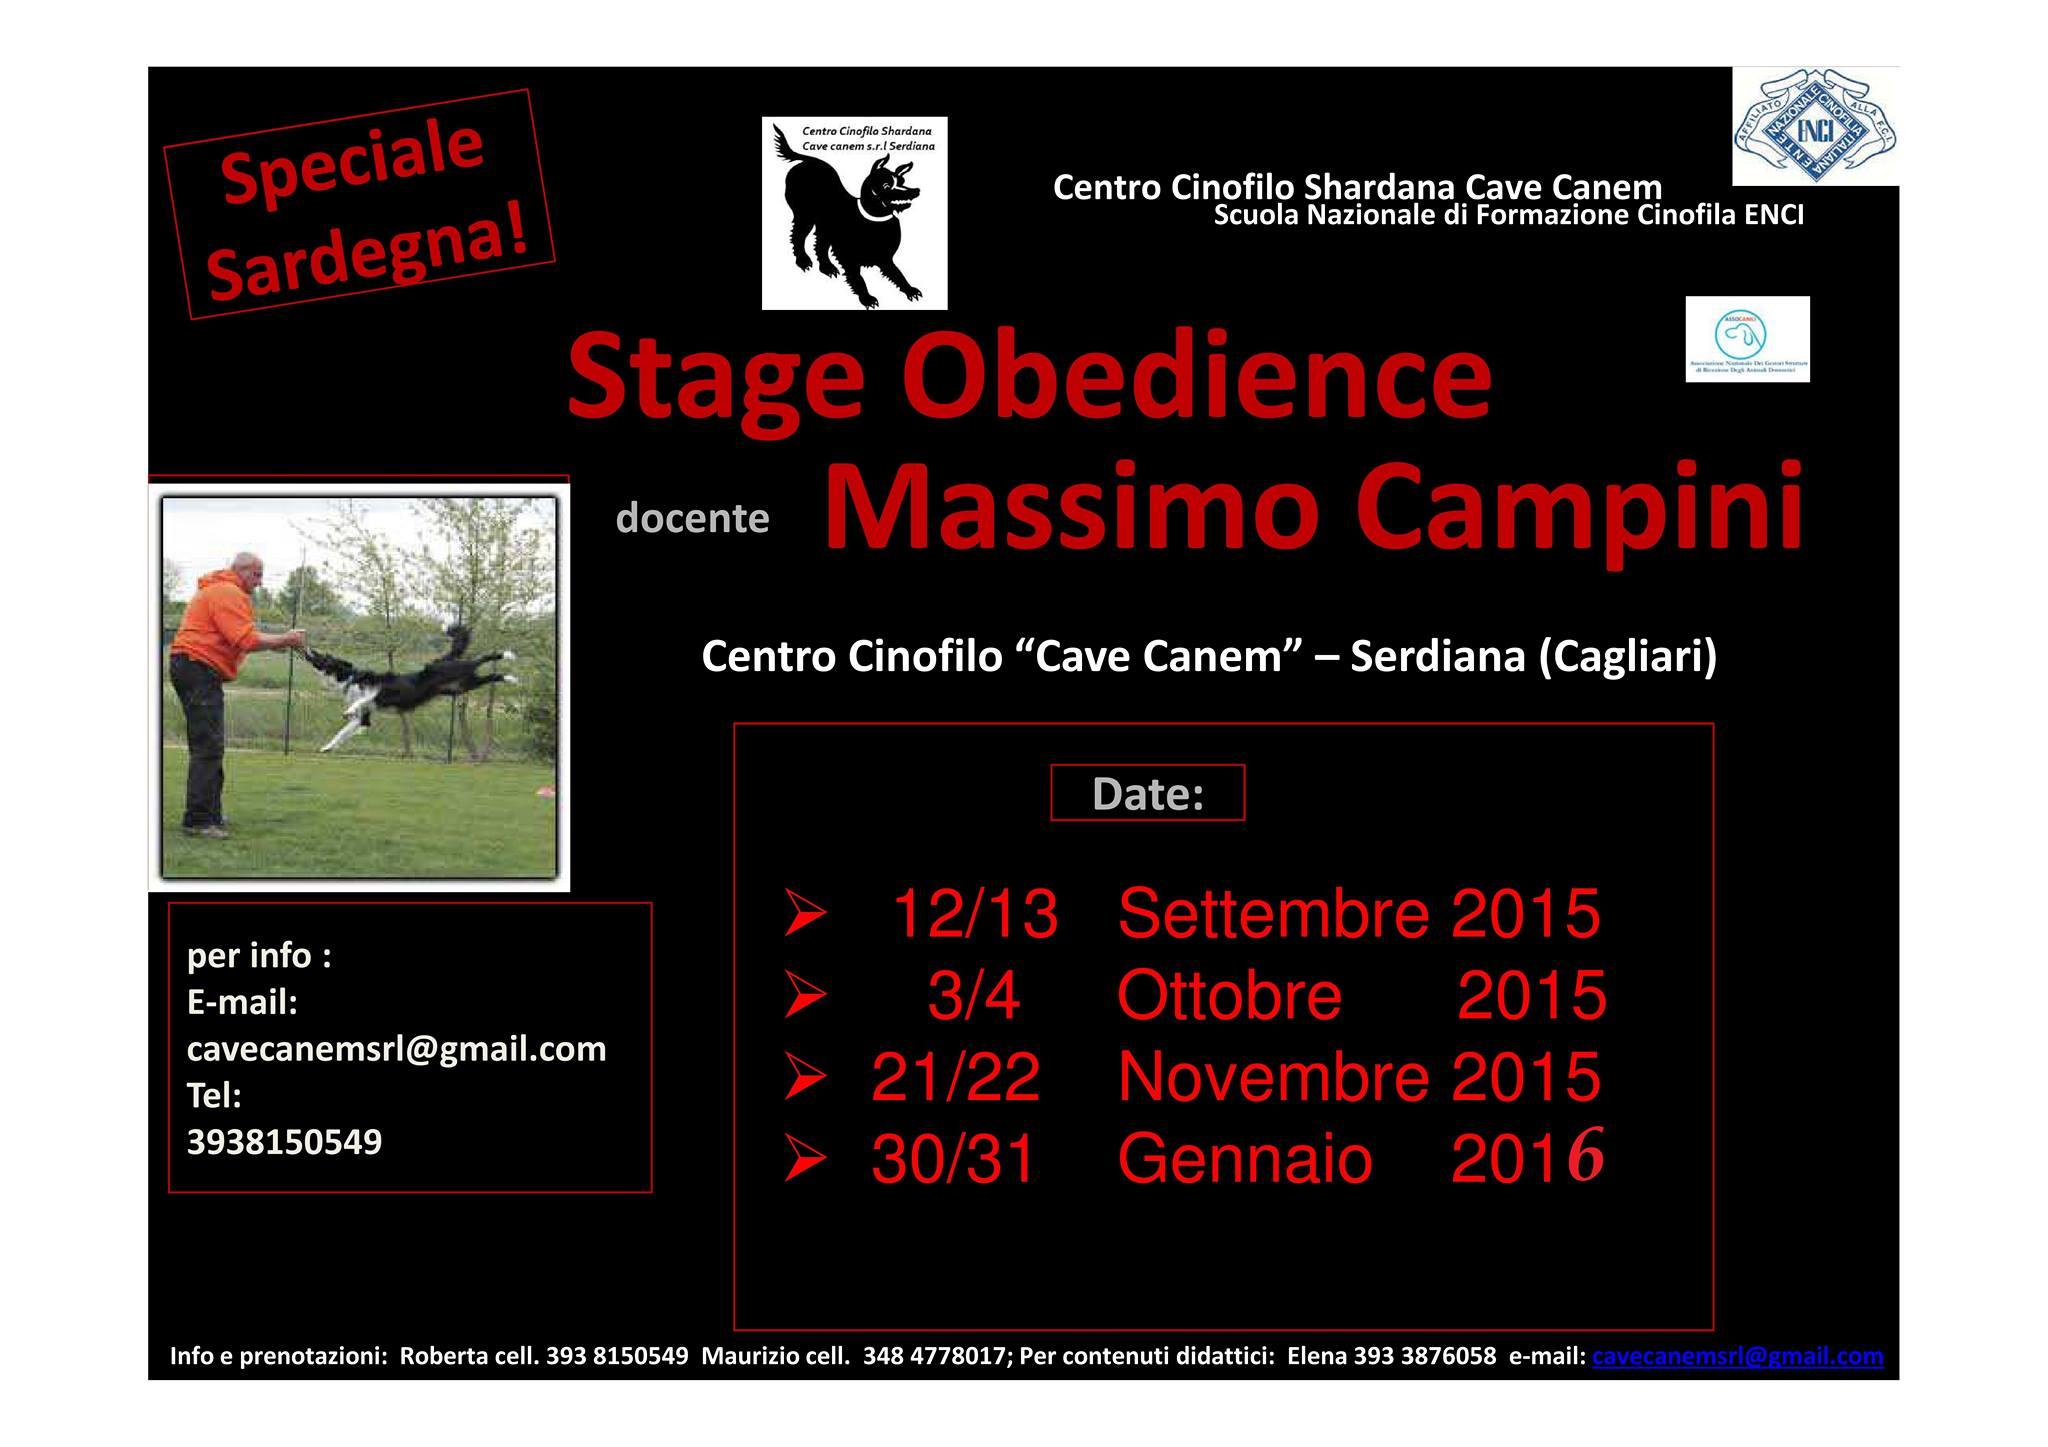 CORSO DI OBEDIENCE CON MASSIMO CAMPINI